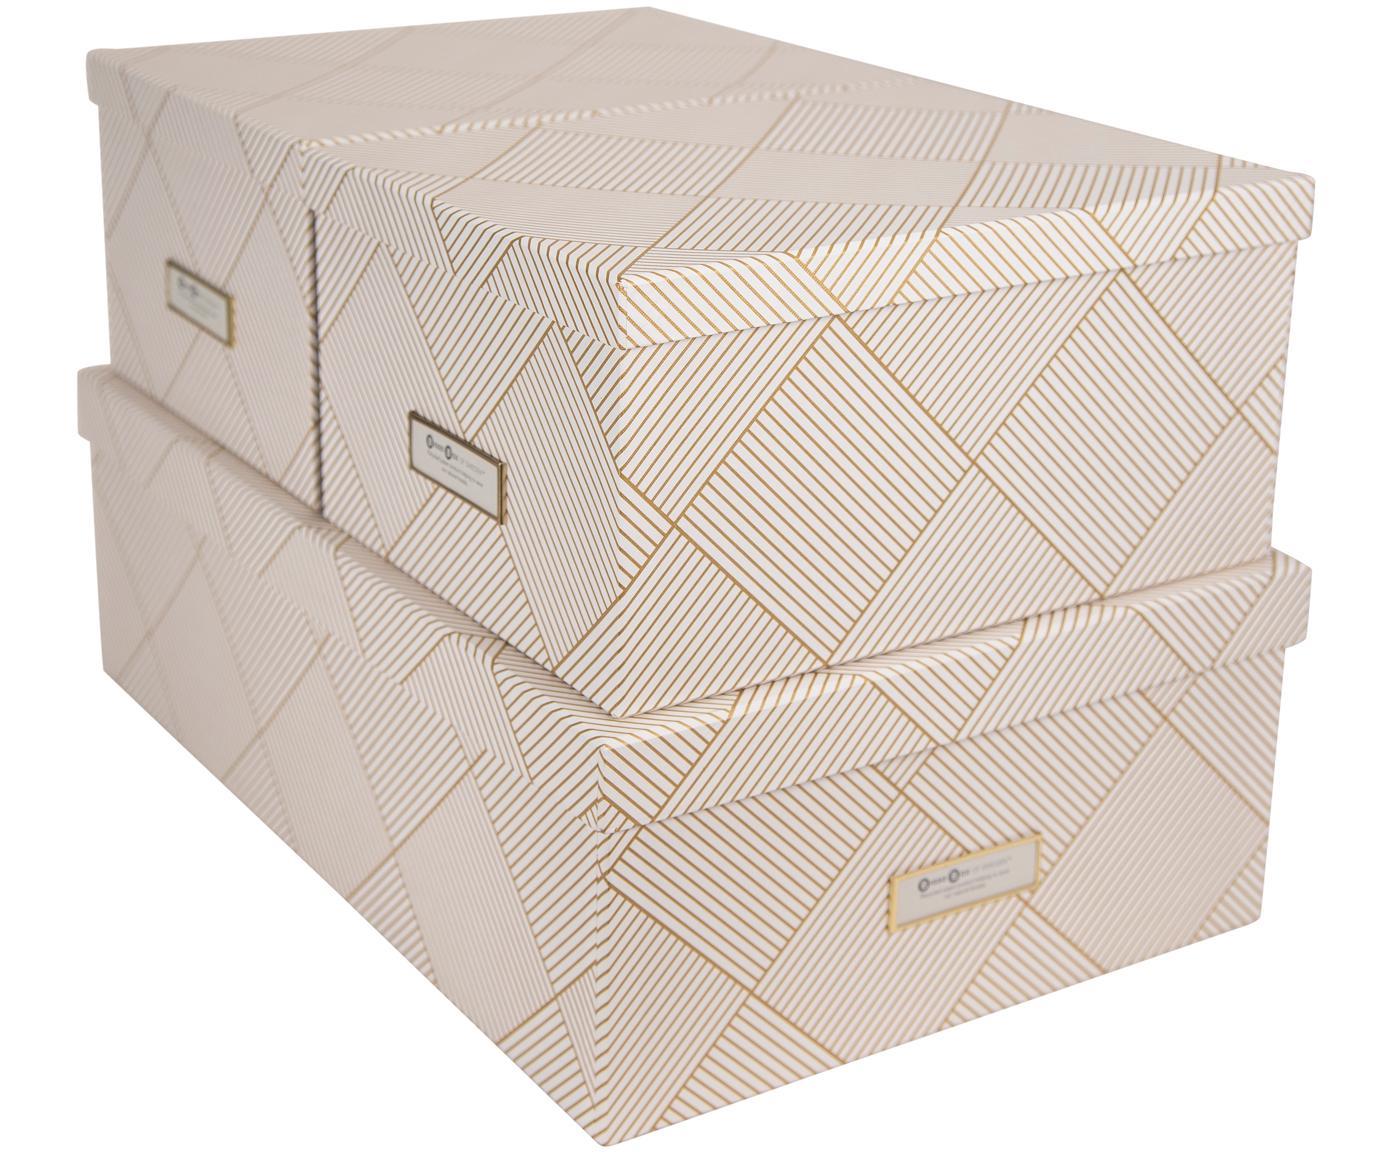 Komplet pudełek do przechowywania Inge, 3 elem., Odcienie złotego, biały, Różne rozmiary